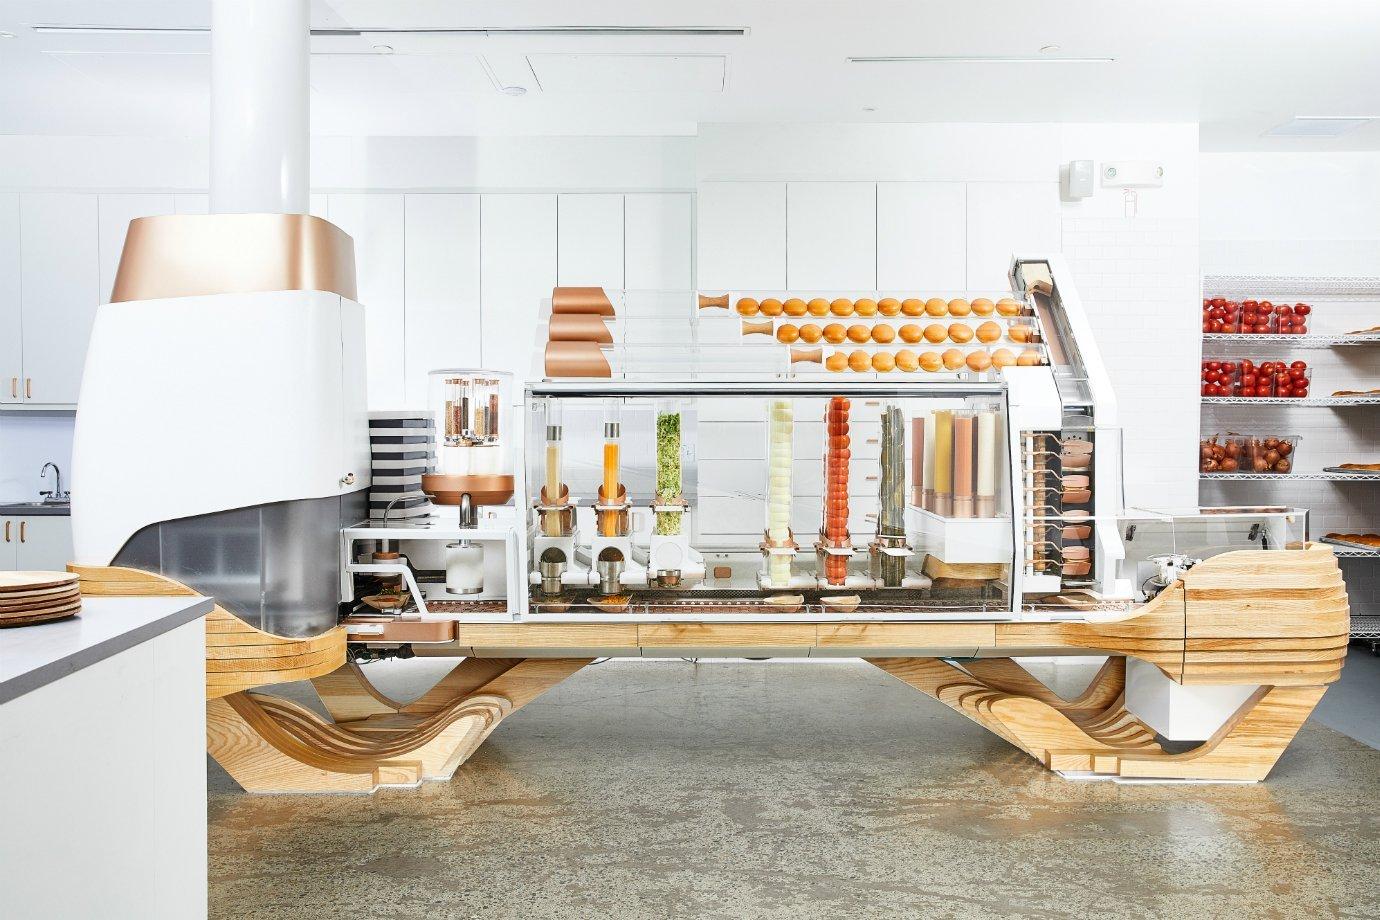 A máquina-chef da hamburgueria Creator, de São Francisco